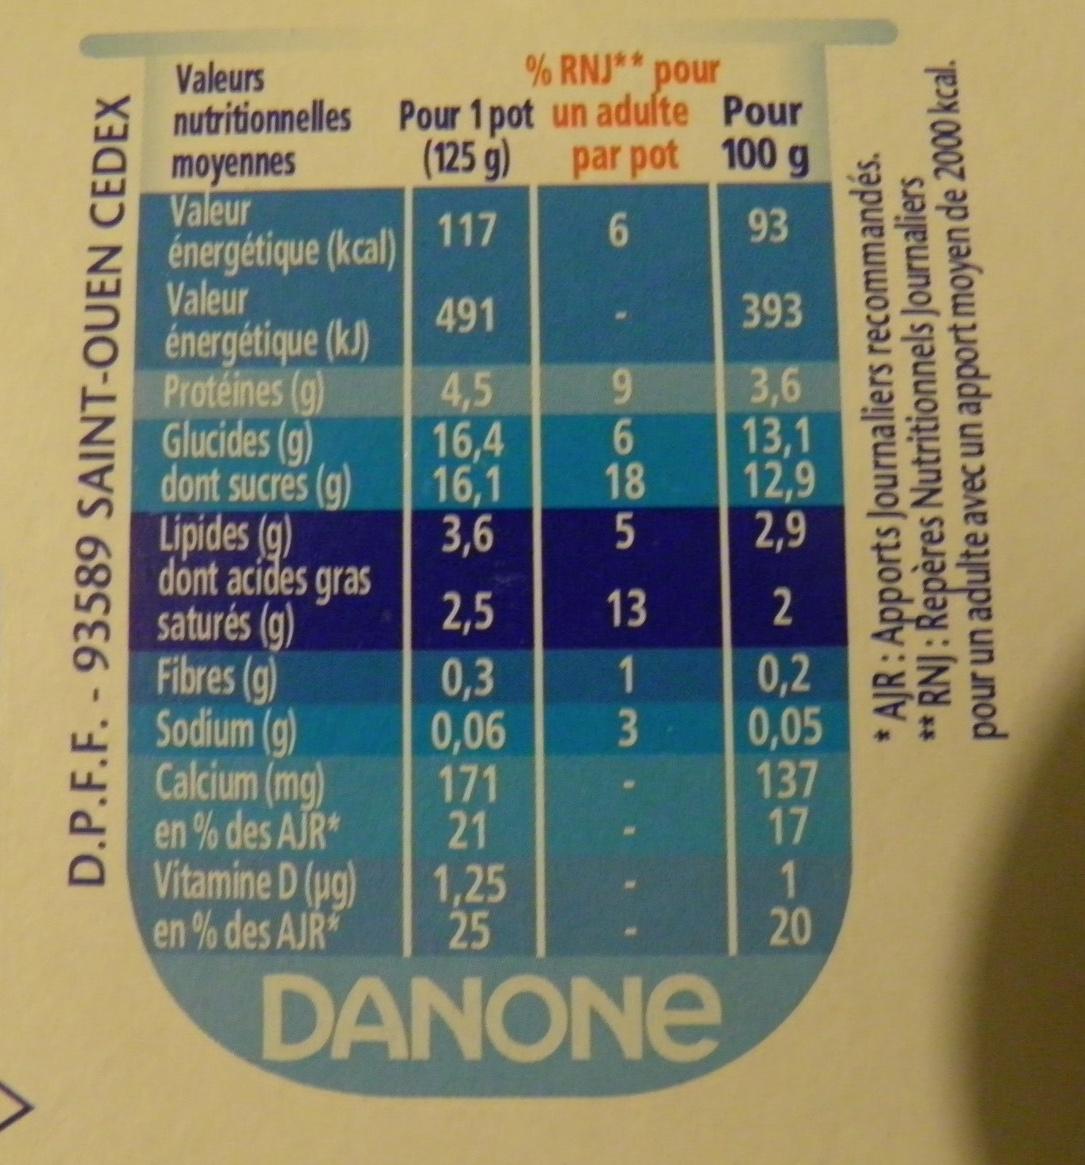 Velouté Fruix (Fraise, Framboise, Fruits rouges) 8 Pots - Nutrition facts - fr